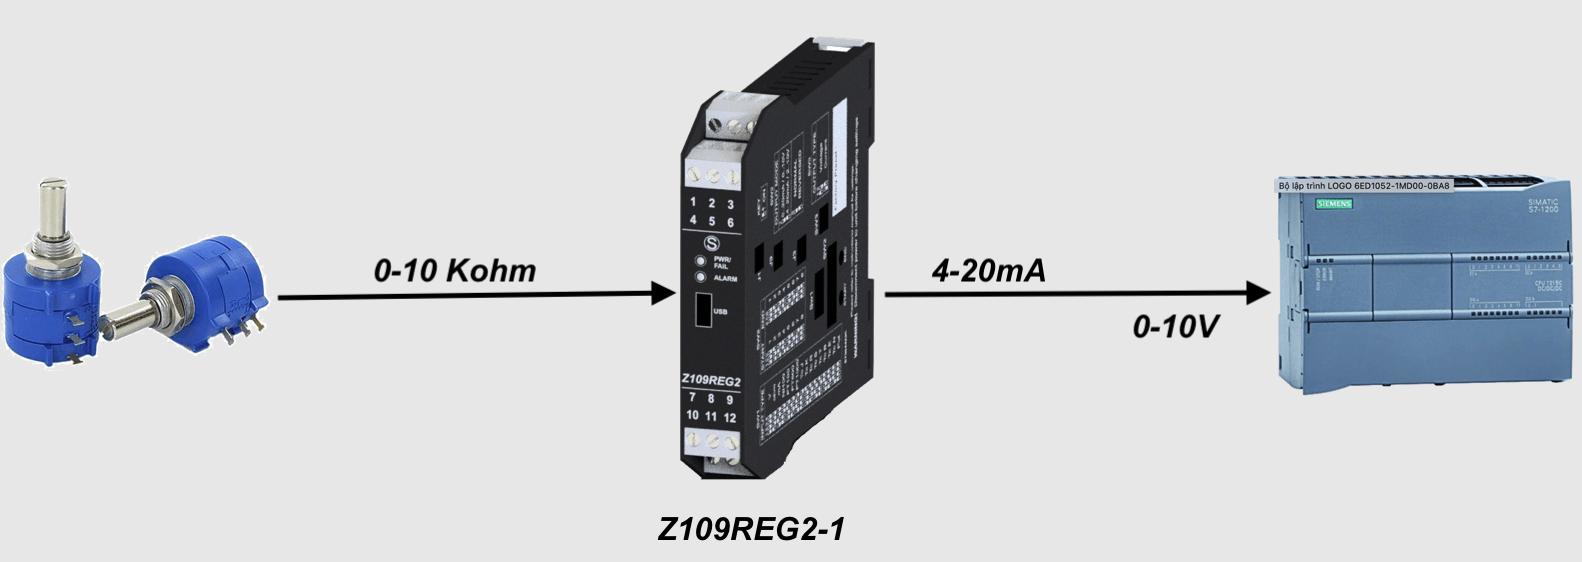 Bộ chuyển đổi biến trở 3 chân sang 0-10V / 4-20mA